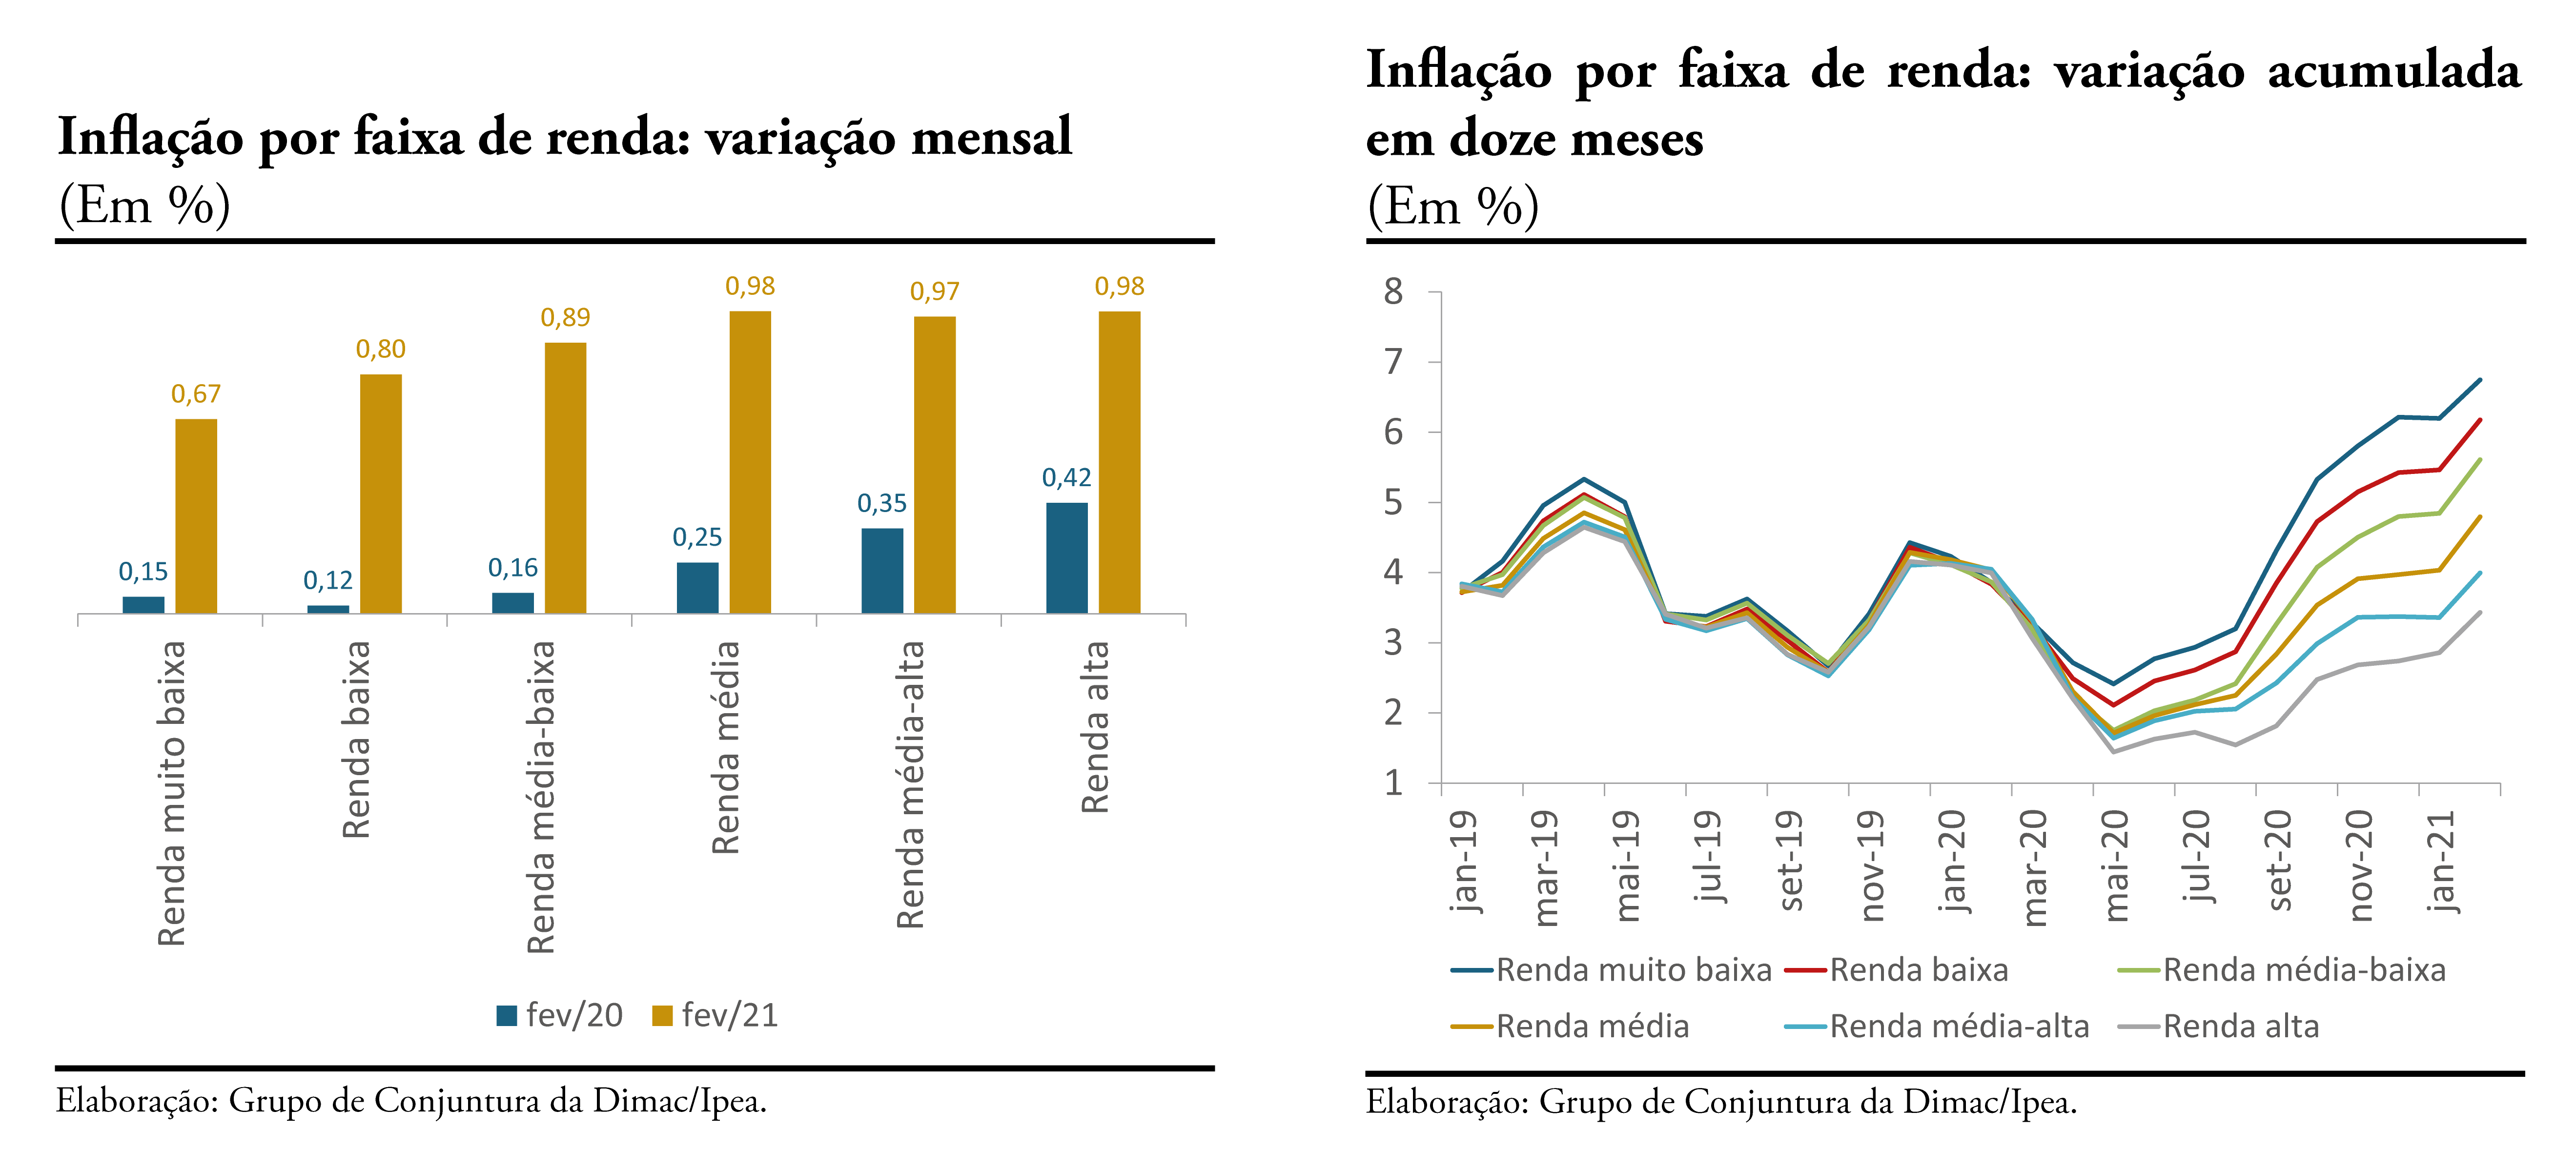 210316_cc_50_nota_21_inflacao_por_faixa_de_renda_graficos_ 1_e_2 _fev21